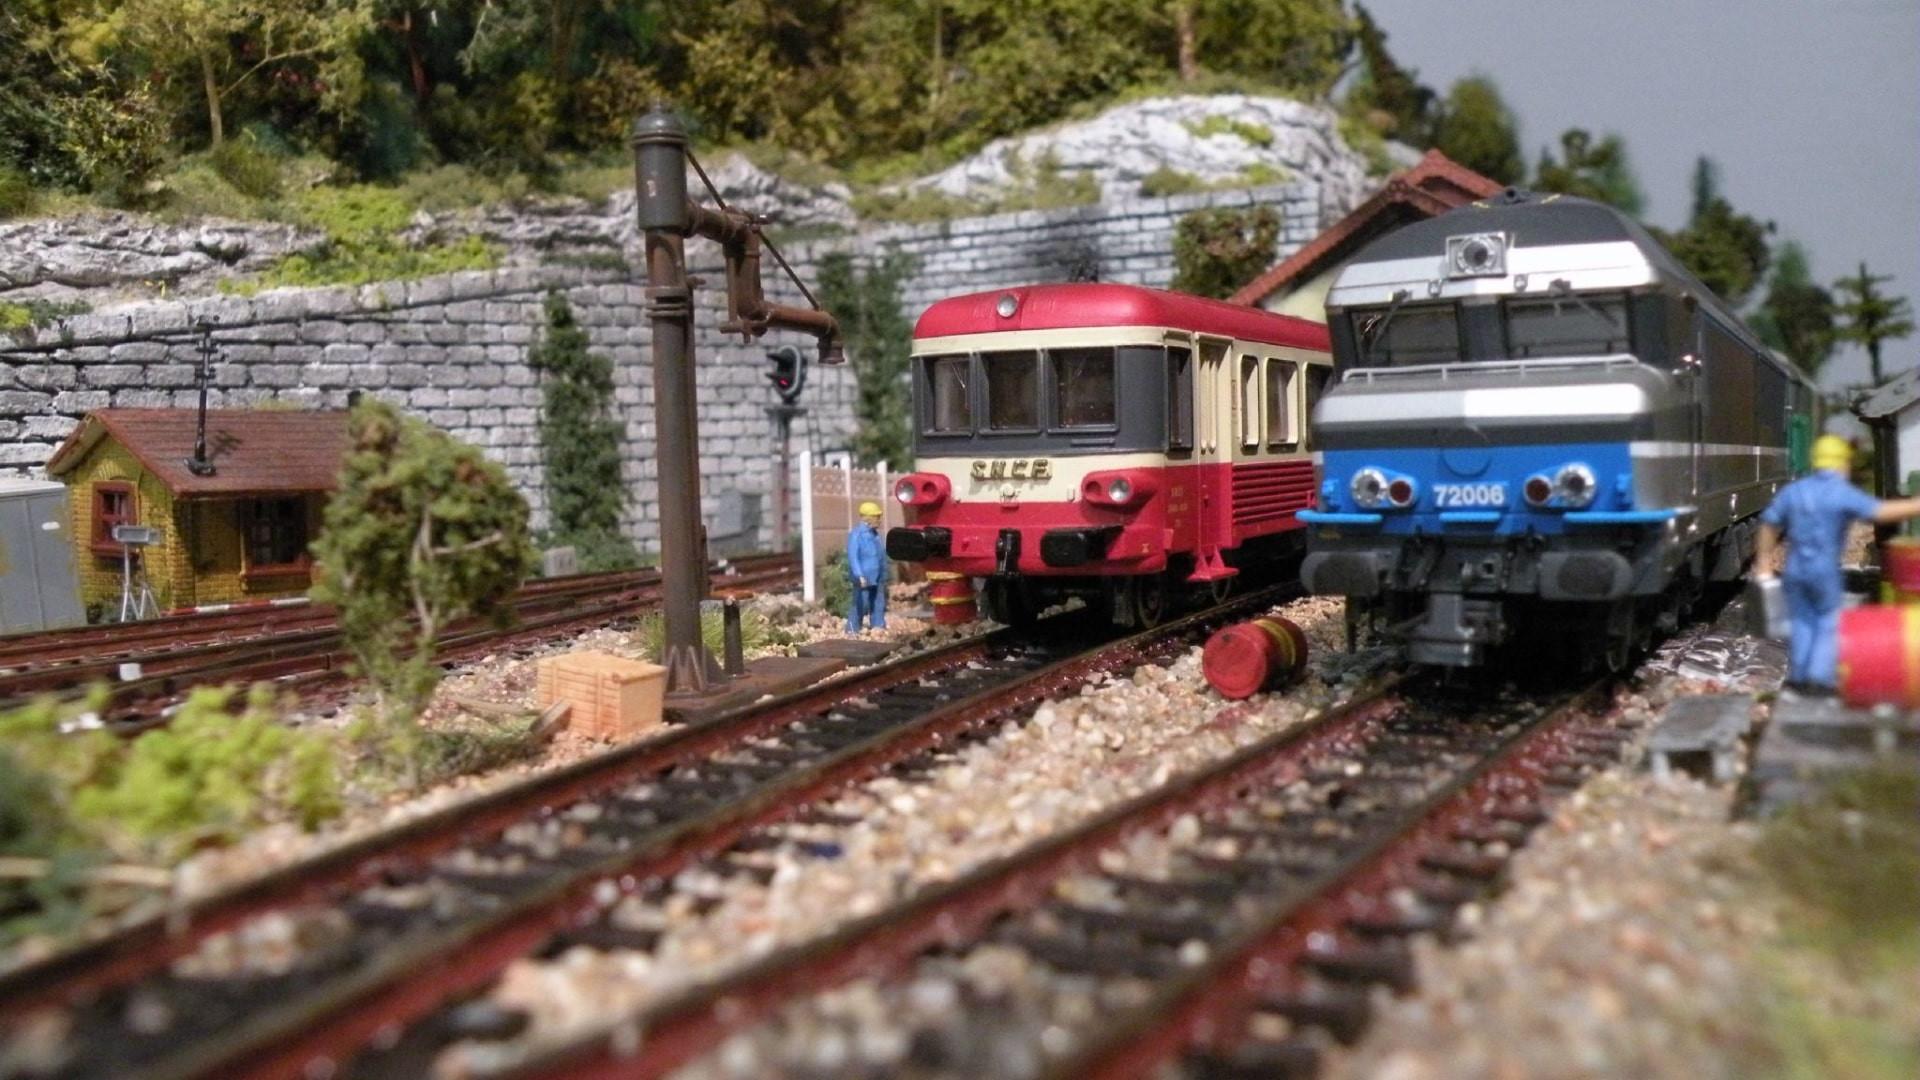 Maquette train